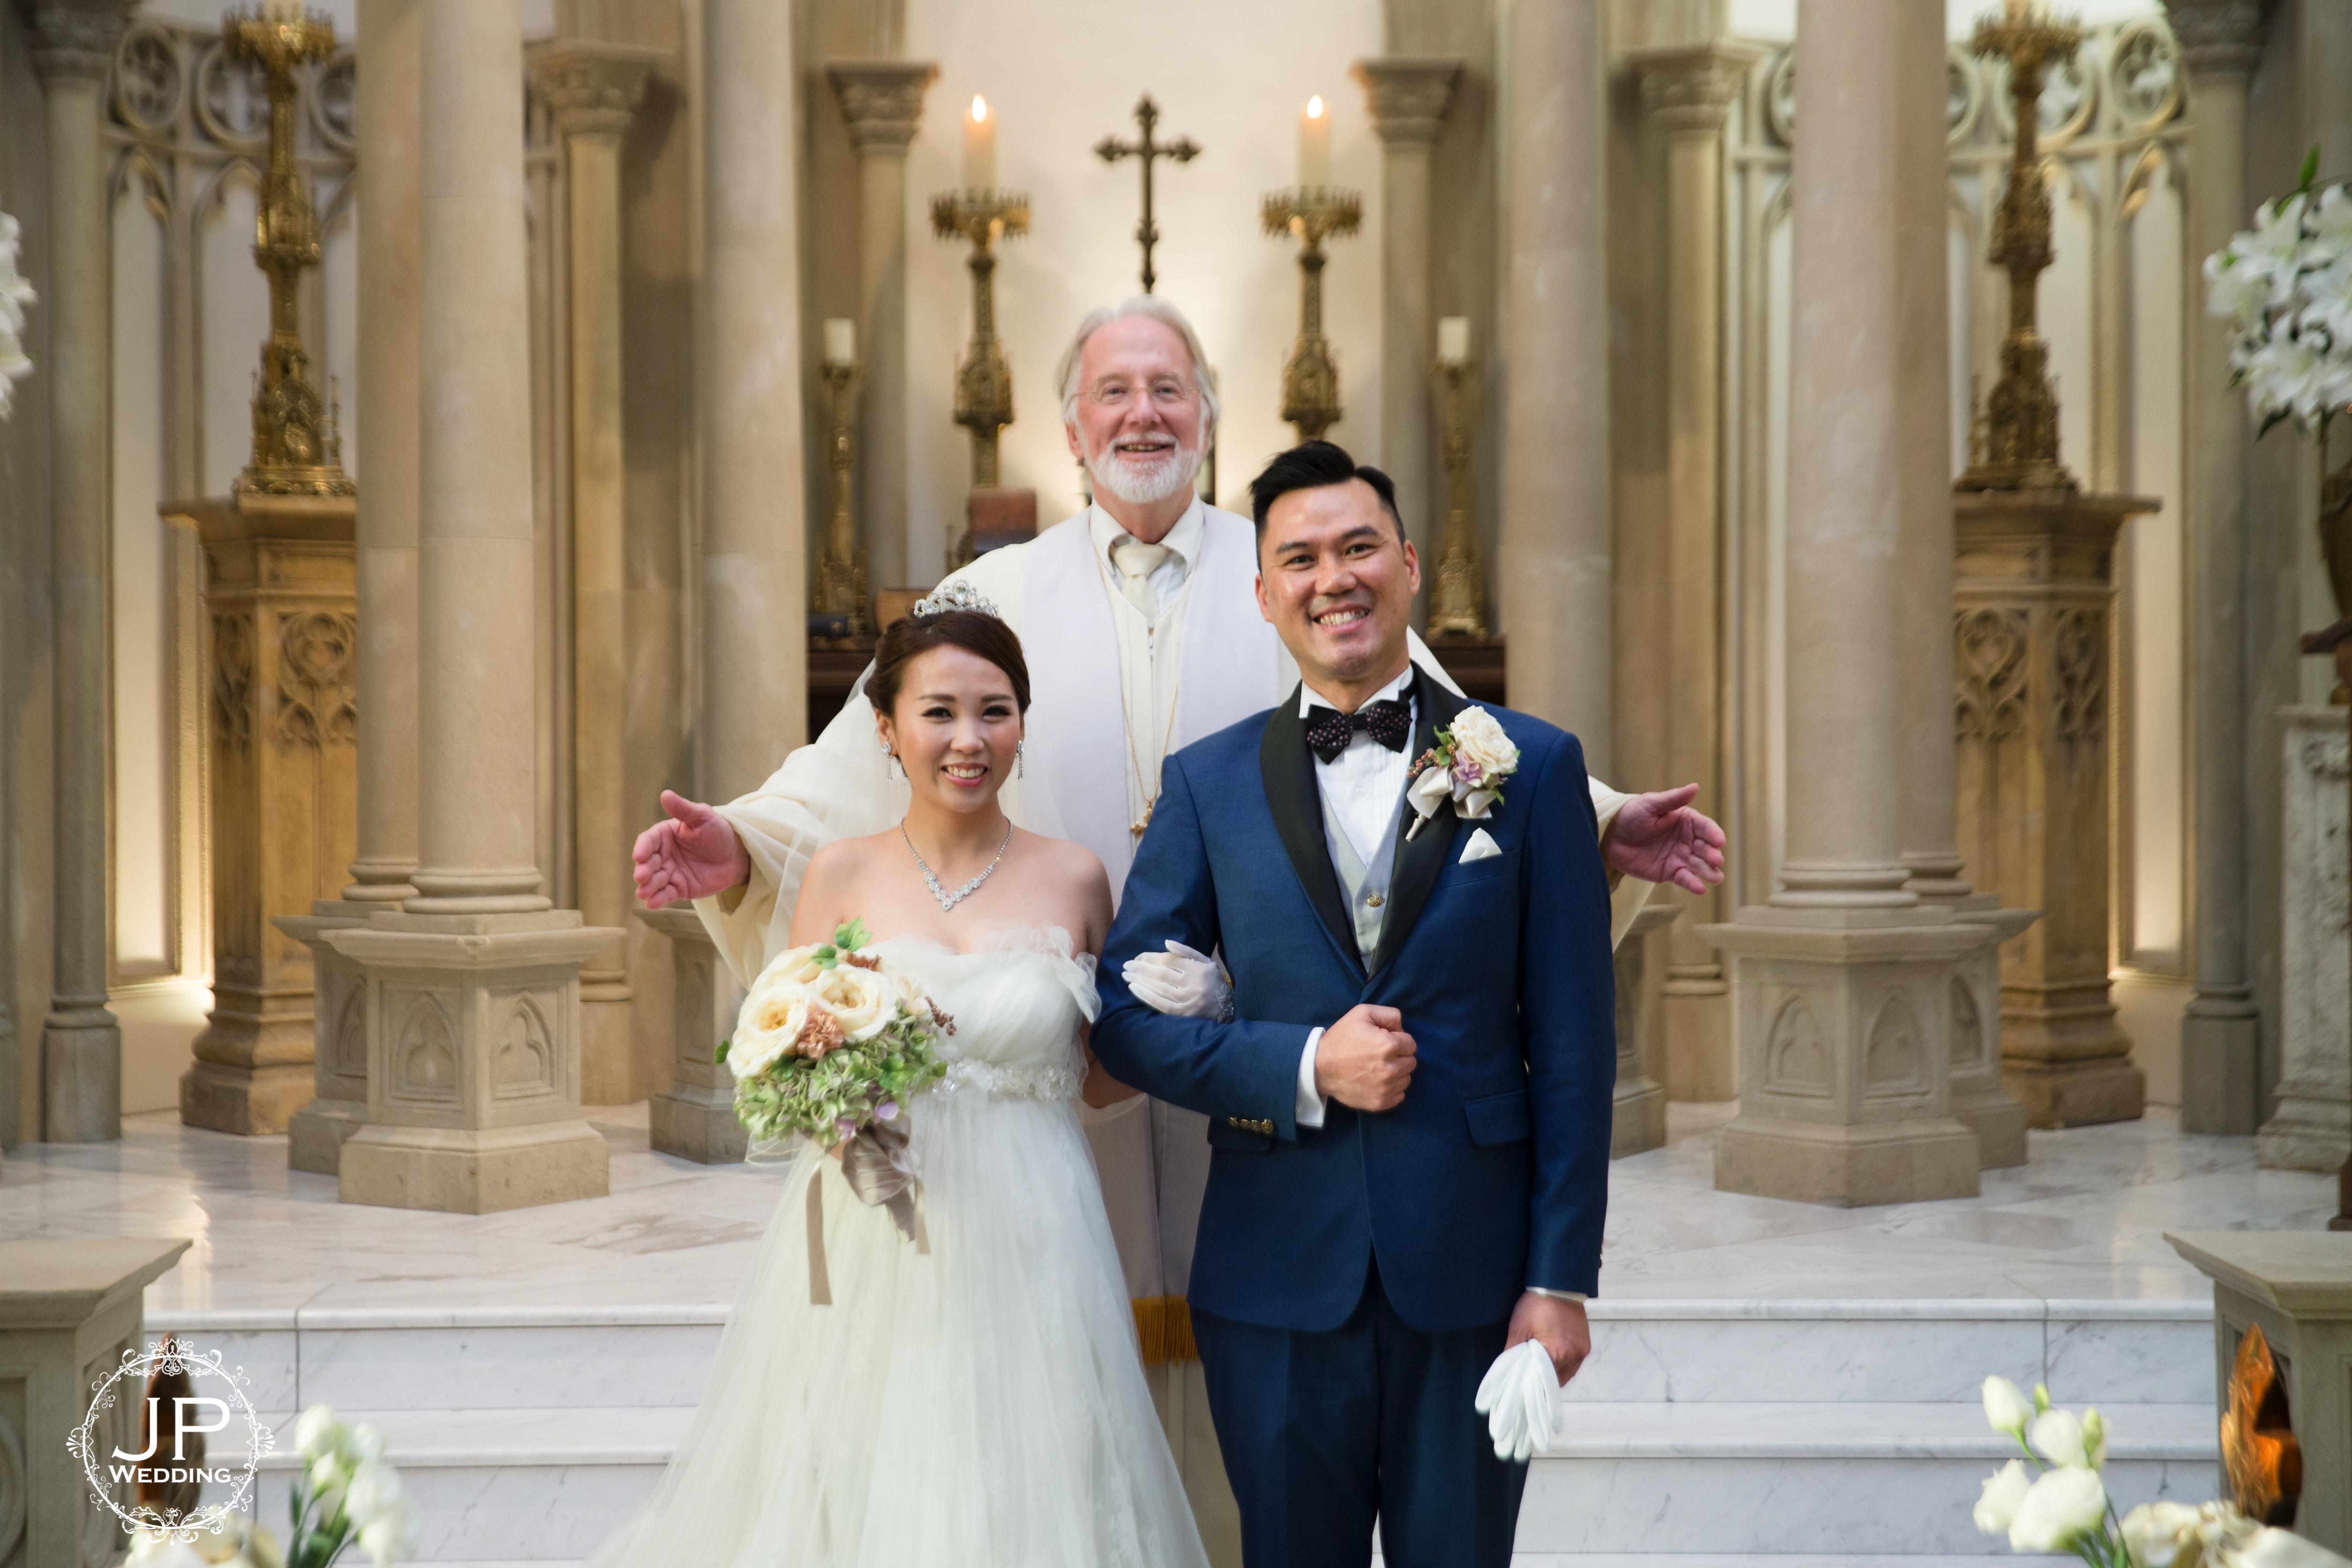 JP Wedding-Glastonia Chapel-3